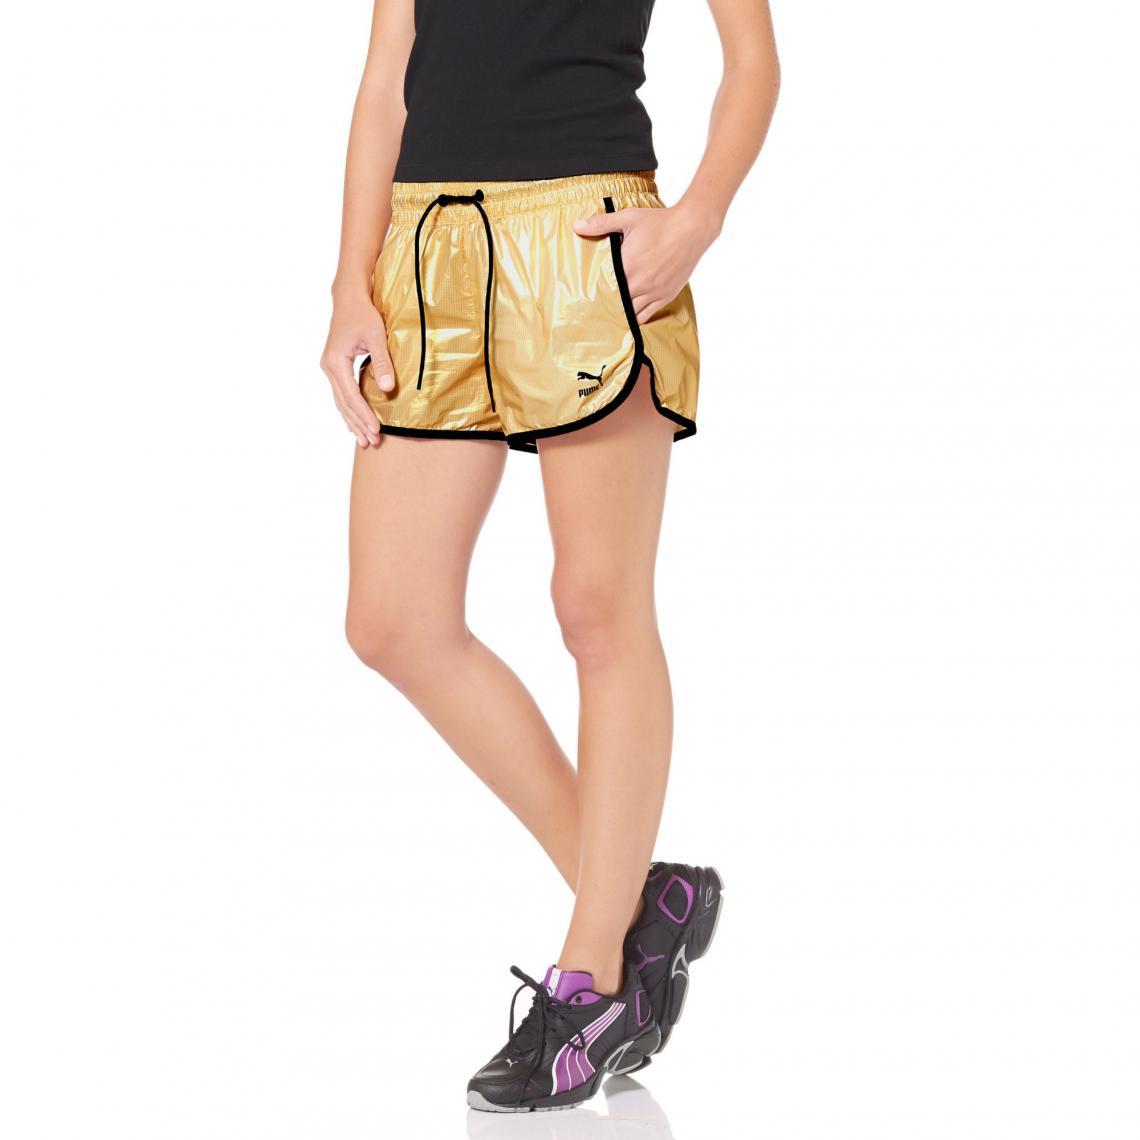 Short Puma Jaune Femme 3suisses Brillant Aspect qAnrAvR6